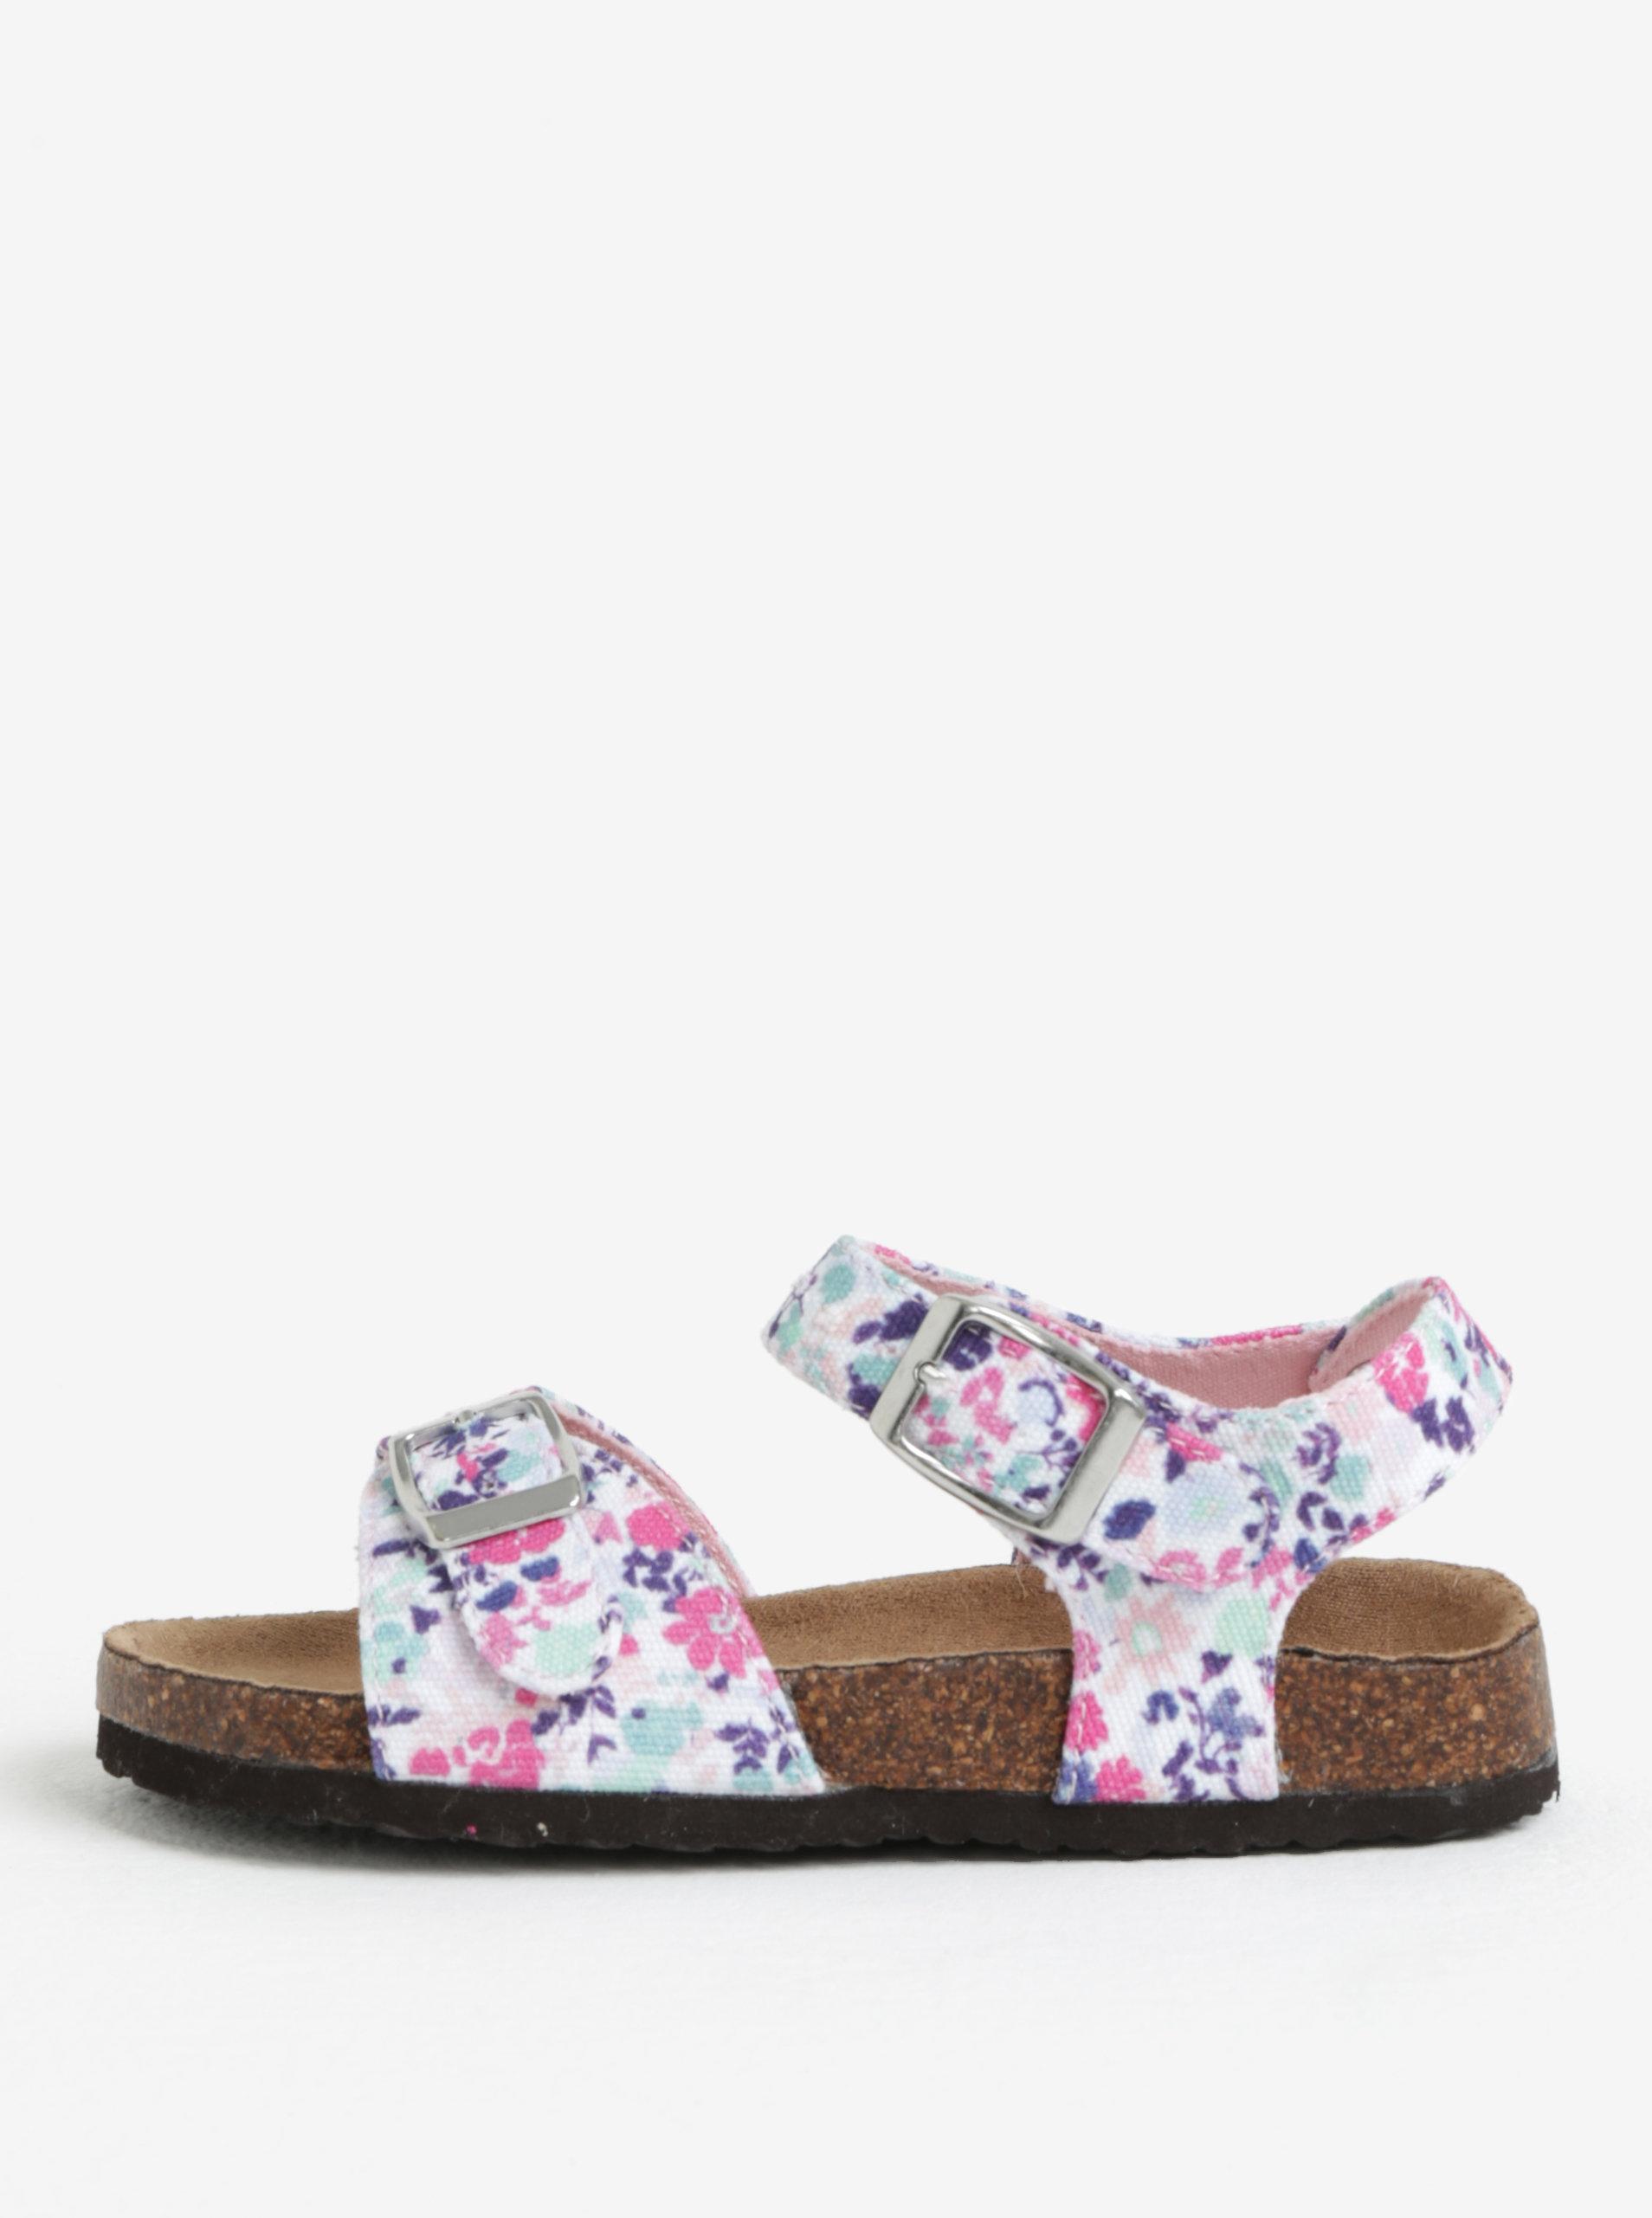 9c1714bc485a Bielo-ružové dievčenské sandále Tom Joule Tipytoe ...